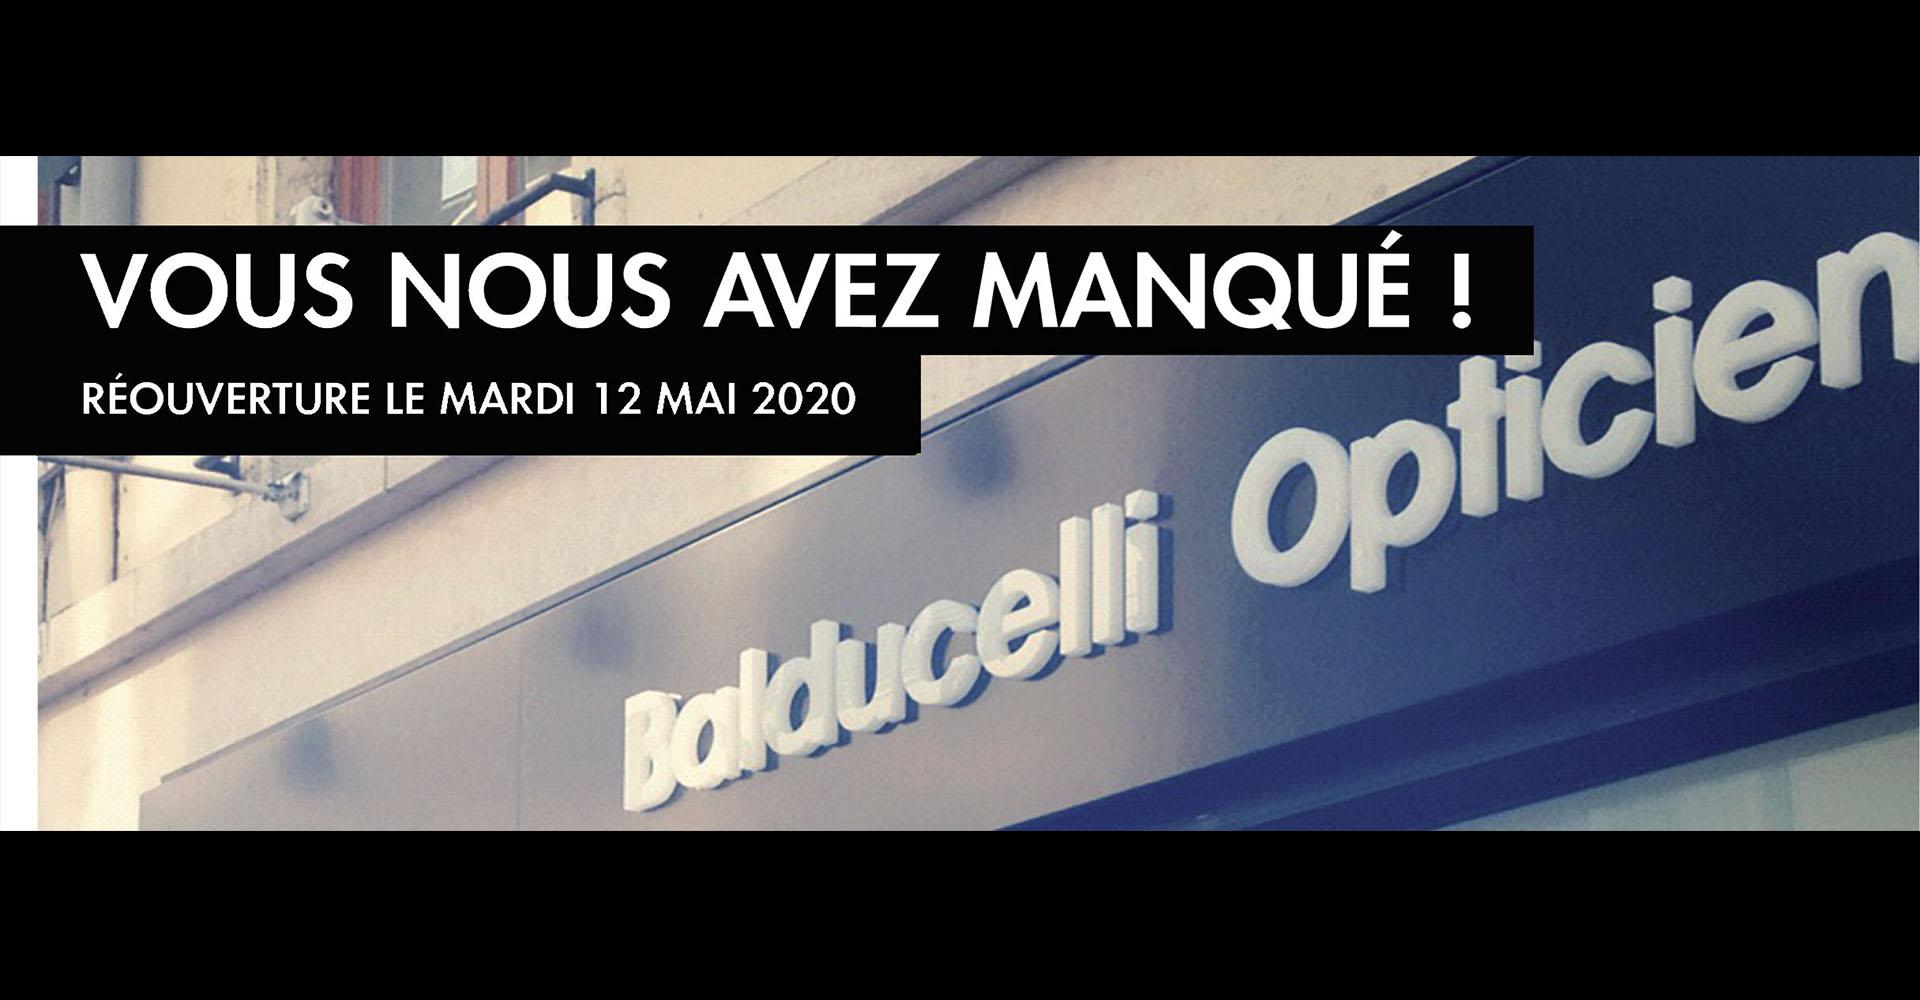 Lunettes Balducelli réouverture